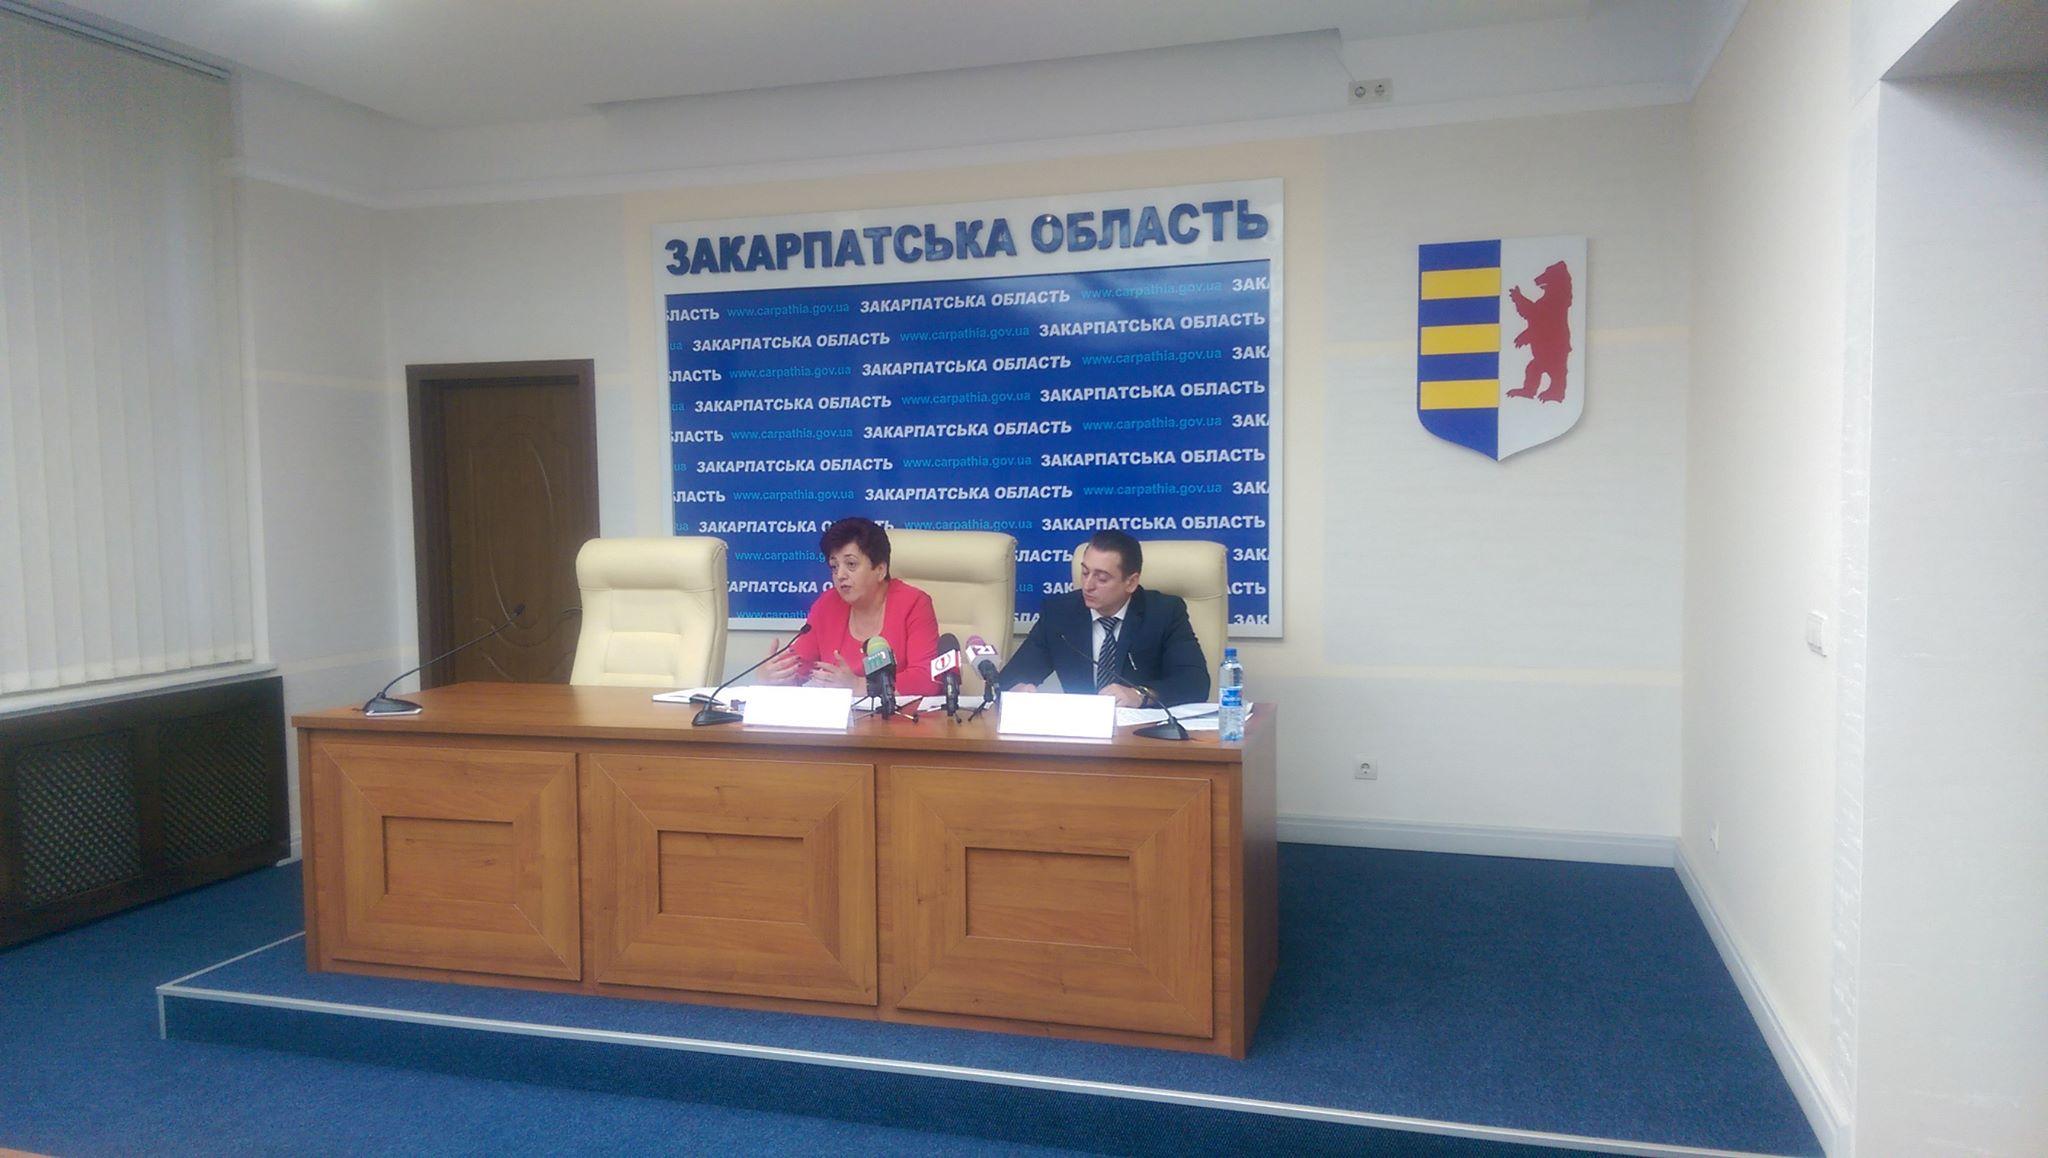 В Закарпатській ОДА розповіли про основні показники економіки в області